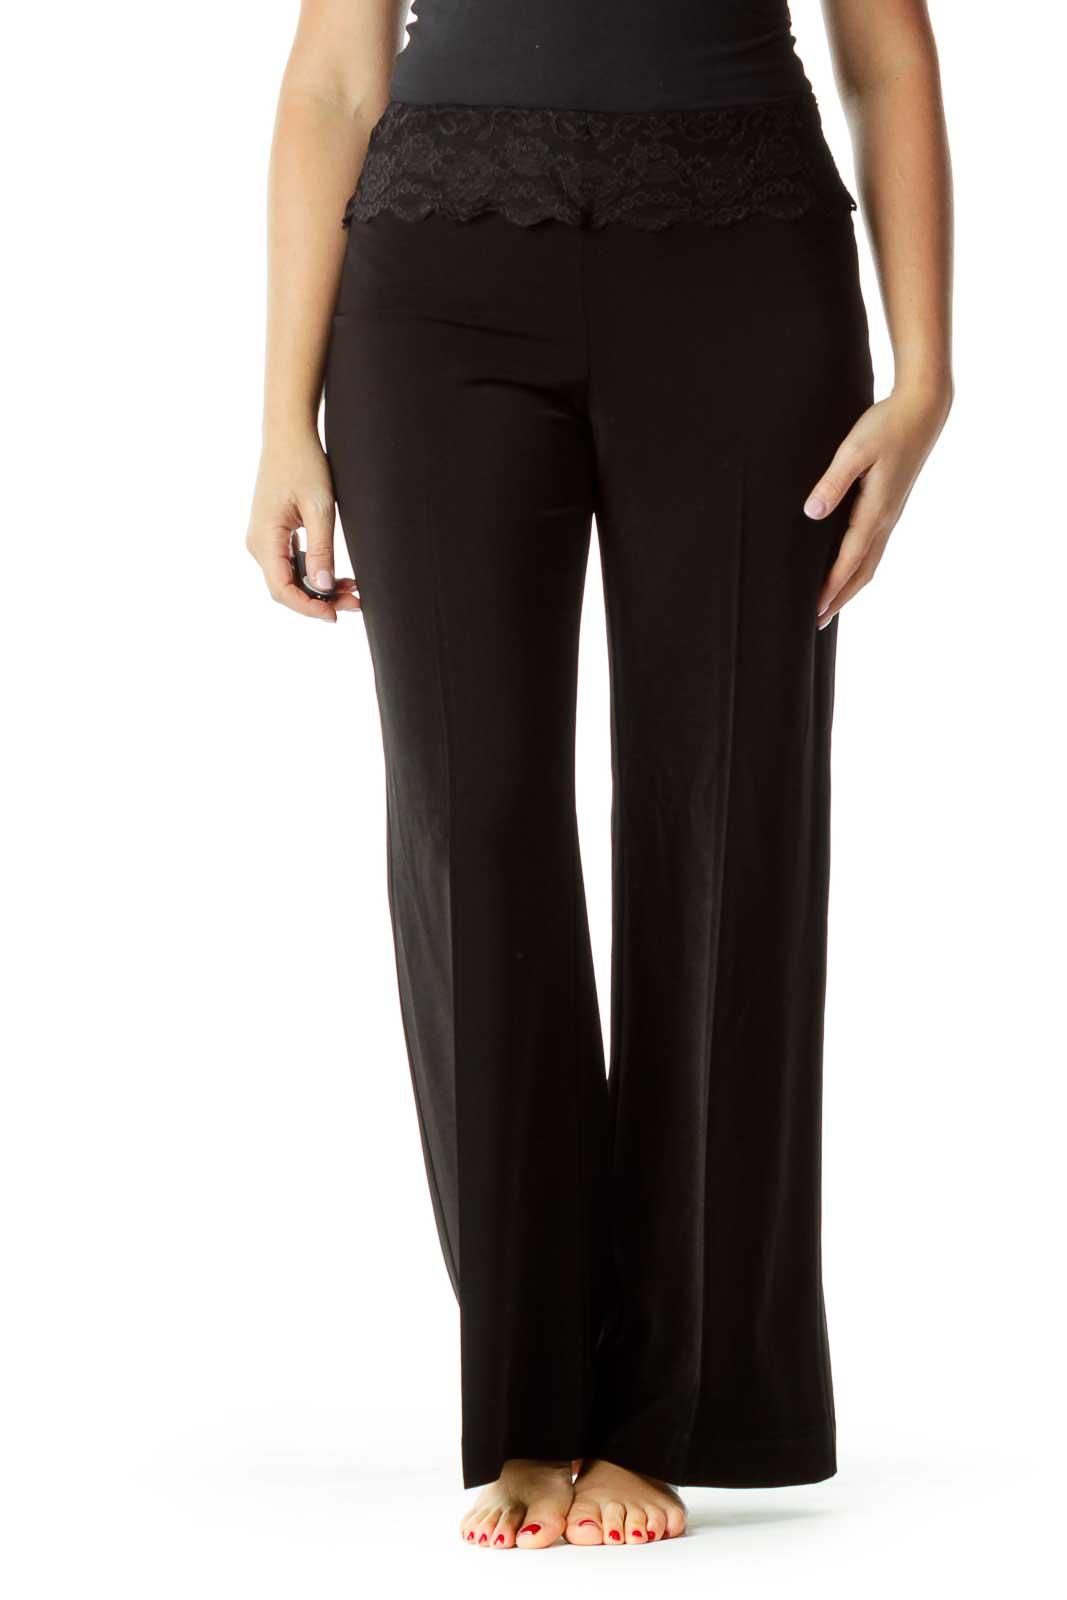 Black Lace Top Wide-Leg Slacks Front